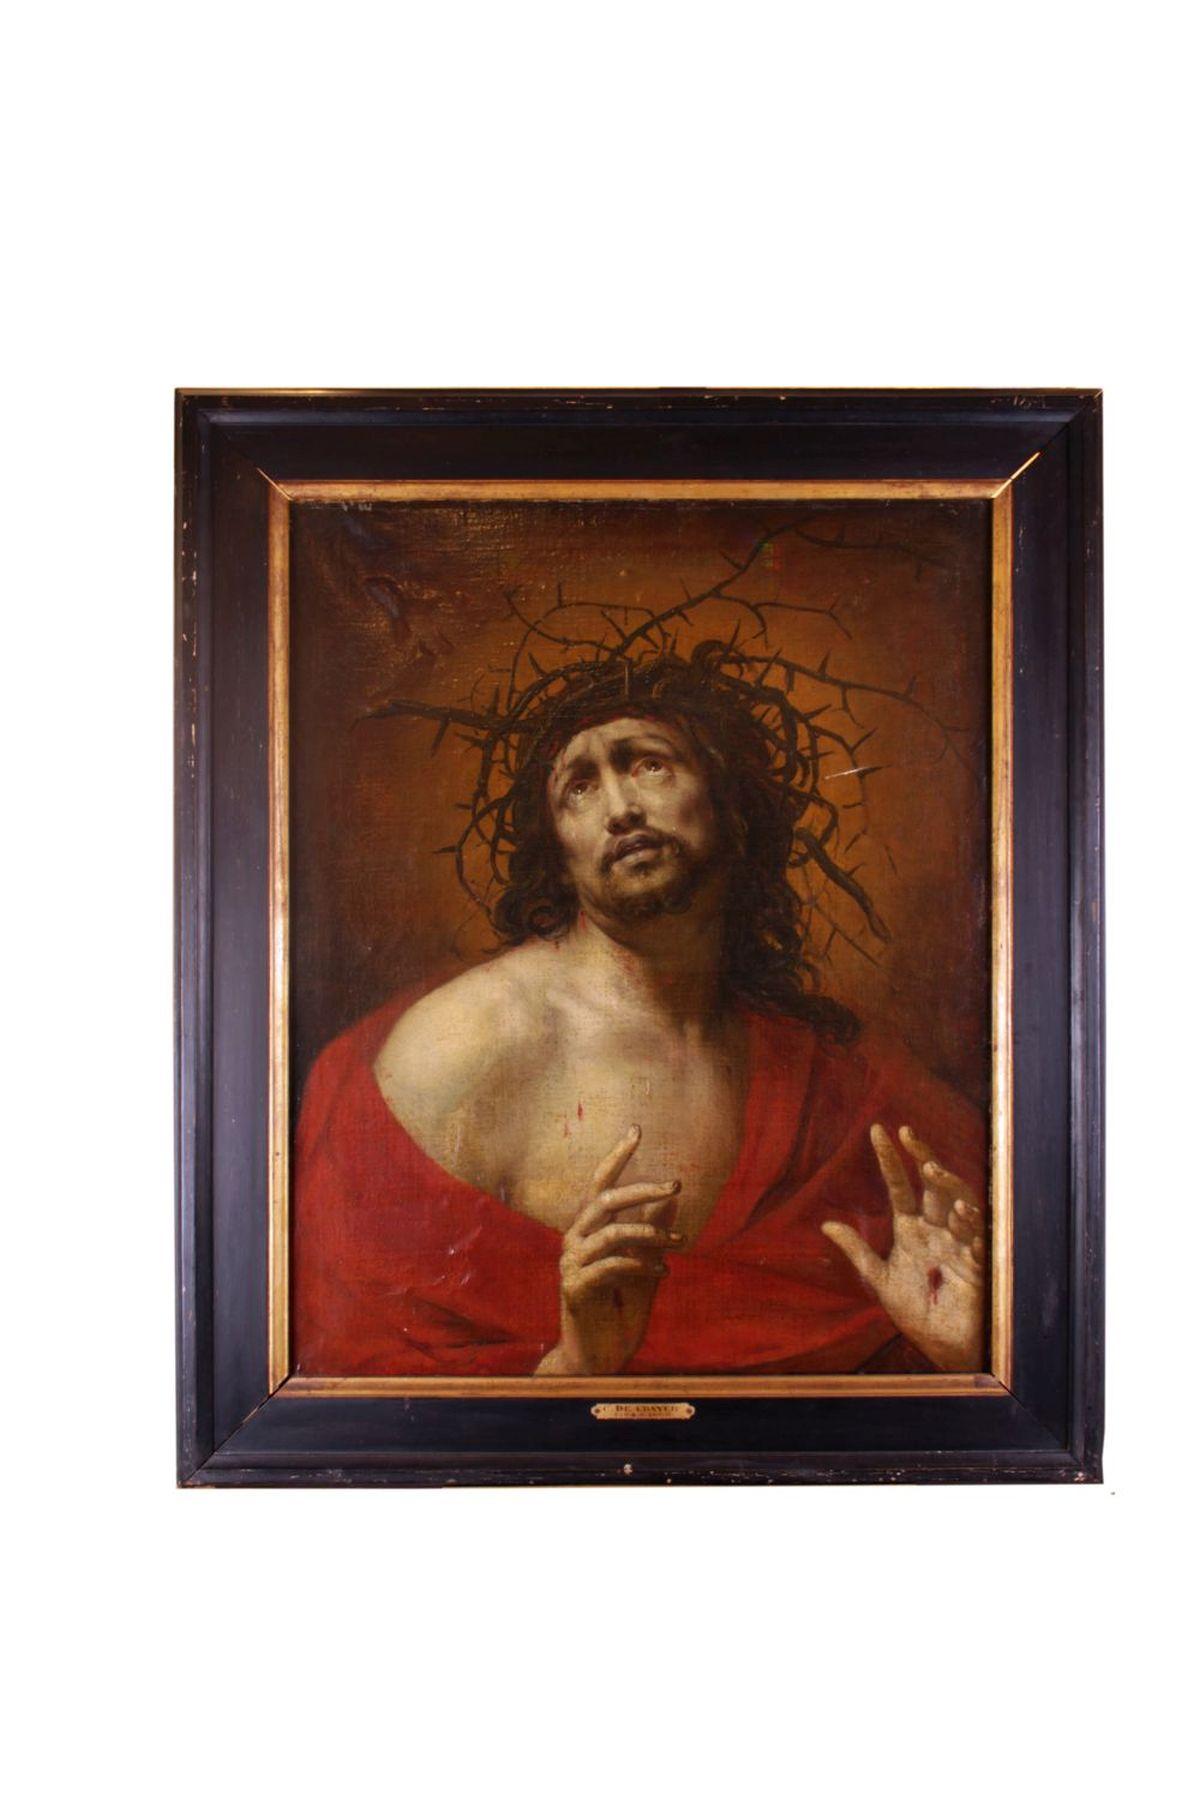 #10 Jesus with Crown of Thorns | Der dornengekrönte Jesus Image